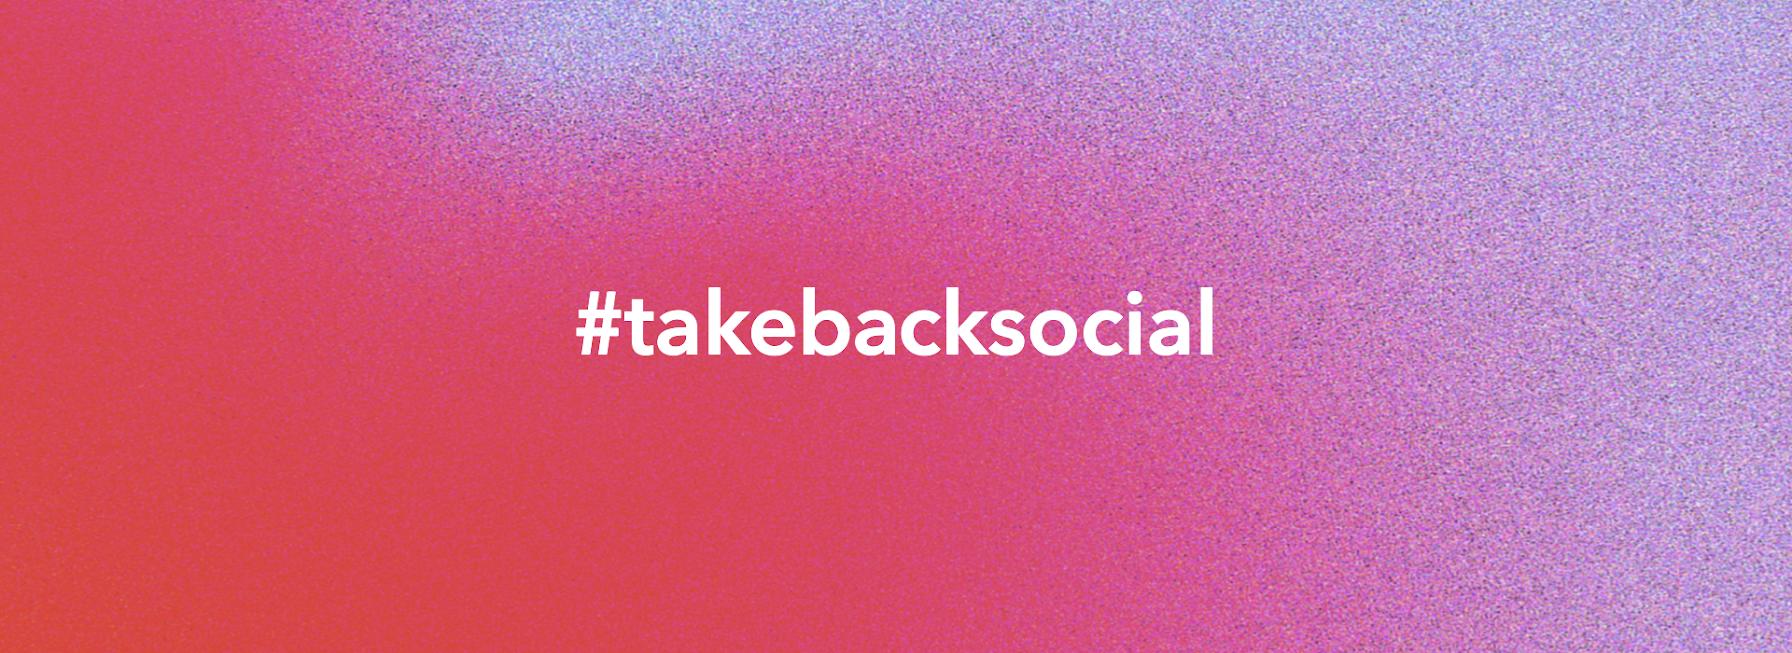 #takebacksocial (1)